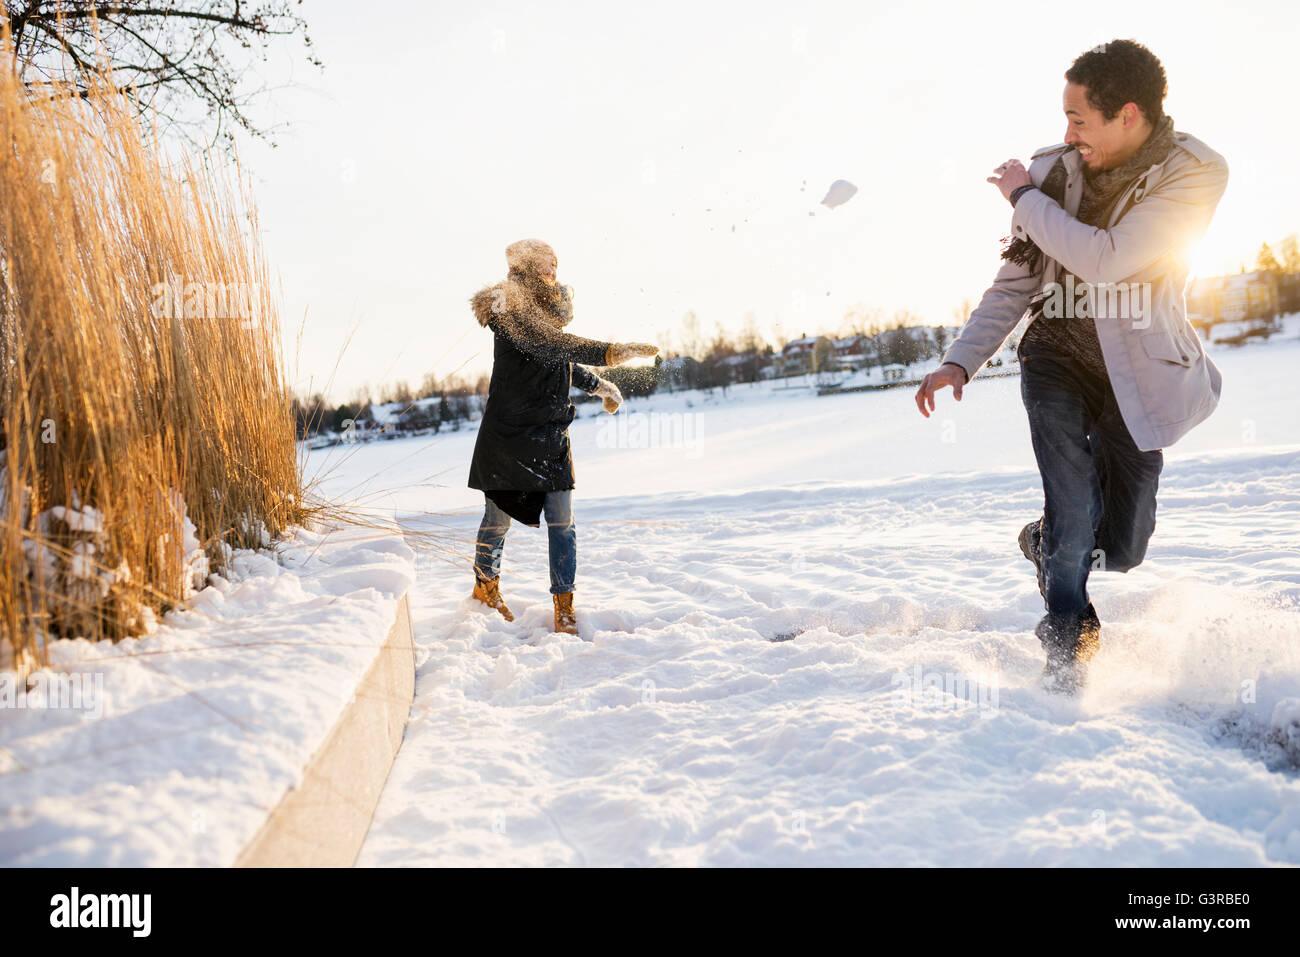 Suecia, Croacia, Umea joven pareja disfrutando de lucha de bola de nieve Imagen De Stock